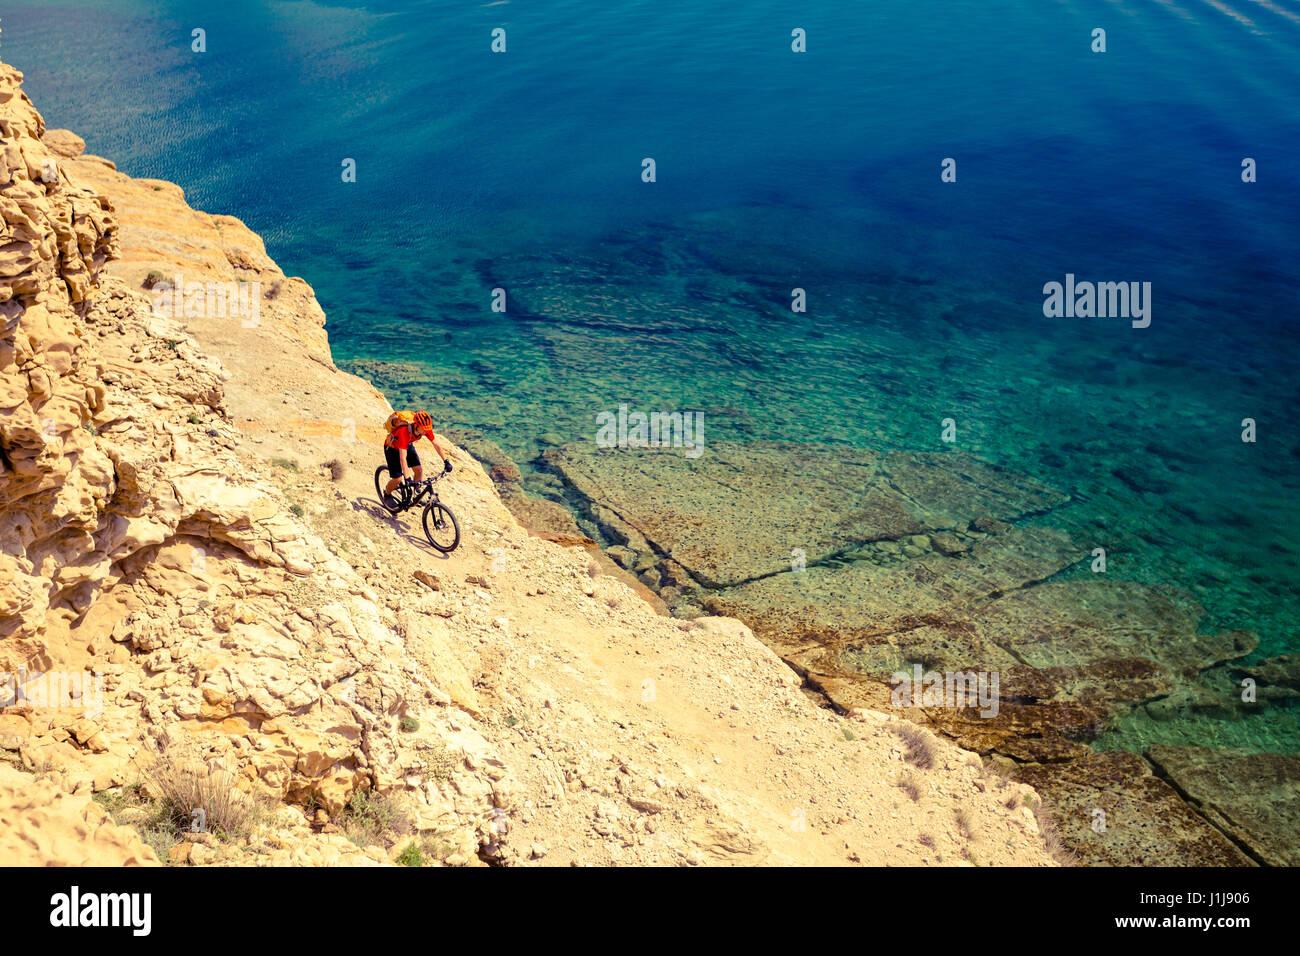 Mountainbiker am Fahrrad im Sommer inspirierende Berge und Meer Landschaft reiten. Mann Radsport MTB auf der Enduro Stockbild